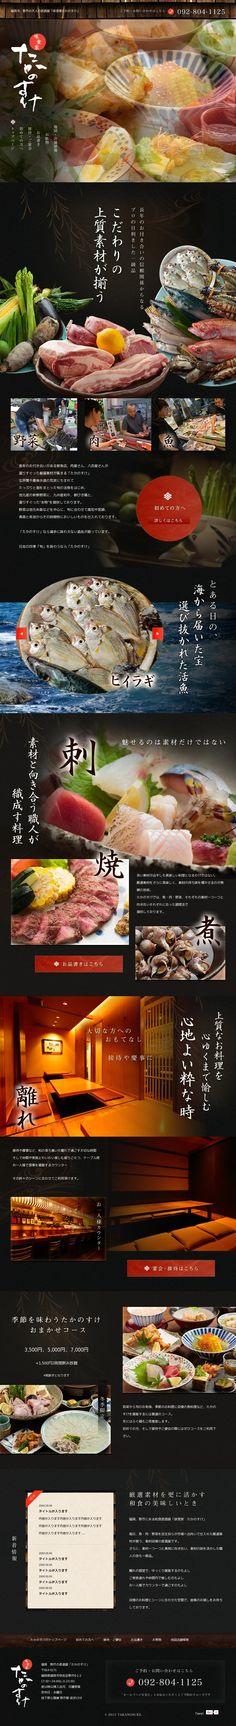 飲食店・和食・海鮮・いざwかや・ブラック・ブラウン・木目・ダイナミック・写真多い・ホームページ・WEBサイト・サイト